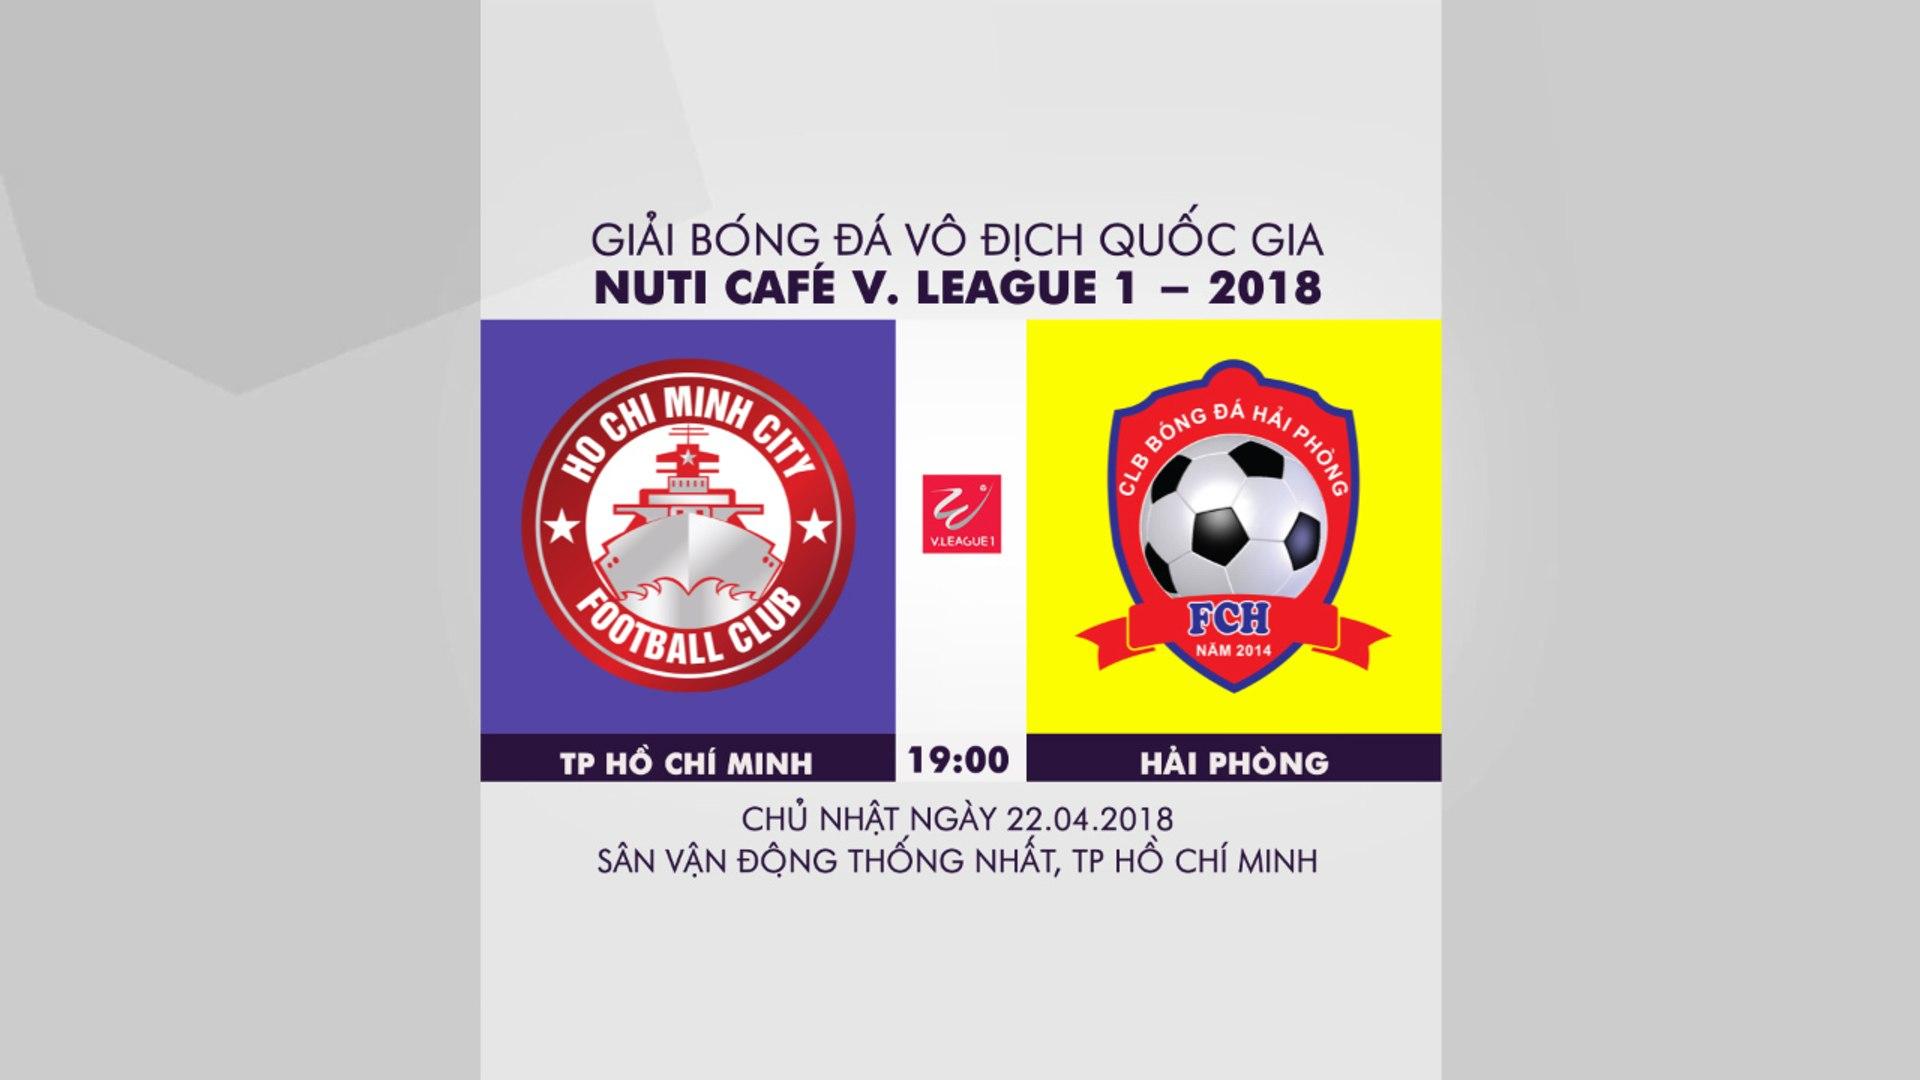 Trực tiếp : Vòng 6 V.League  TP Hồ Chí Minh vs Hải Phòng